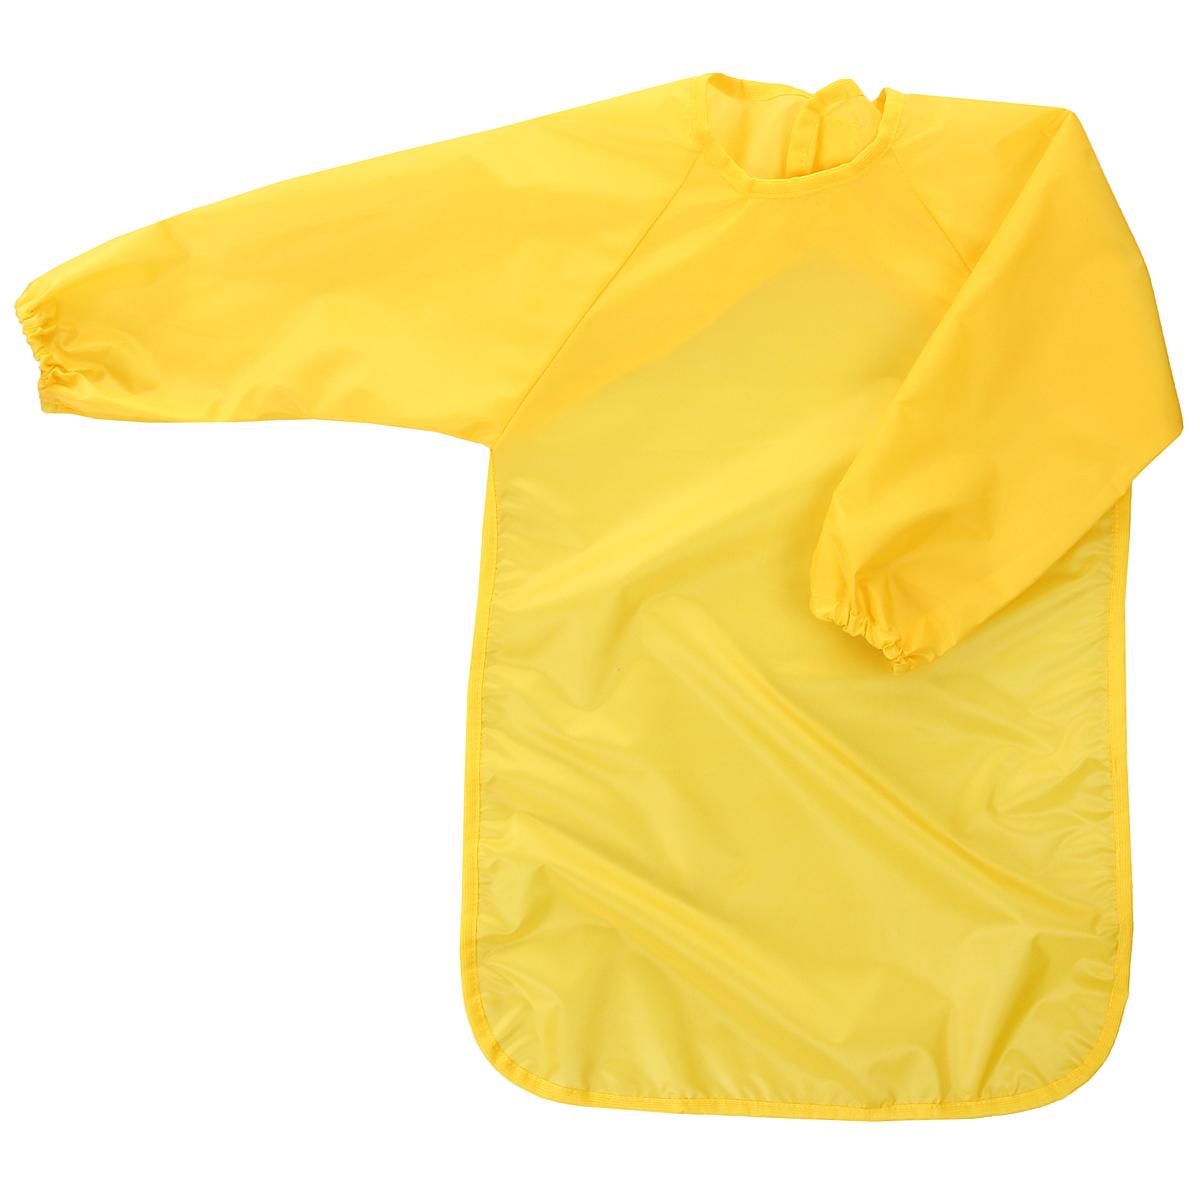 Фартук для детского творчества Спортбэби, цвет: желтый. Возраст 5-6 летзо.0012_желтыйУниверсальный фартук для детского творчества Спортбэби надежно защитит одежду и руки ребенка во время занятий рисованием, лепкой и ручным трудом. Фартук с двумя рукавами изготовлен из плотного полиэстера желтого цвета. Он надевается спереди как накидка и застегивается на спине с помощью липучки. С фартуком Спортбэби ваш малыш сможет смело рисовать, не боясь испачкаться о свой шедевр, лепить из пластилина и заниматься многими творческими делами. Также фартук удобен при кормлении.